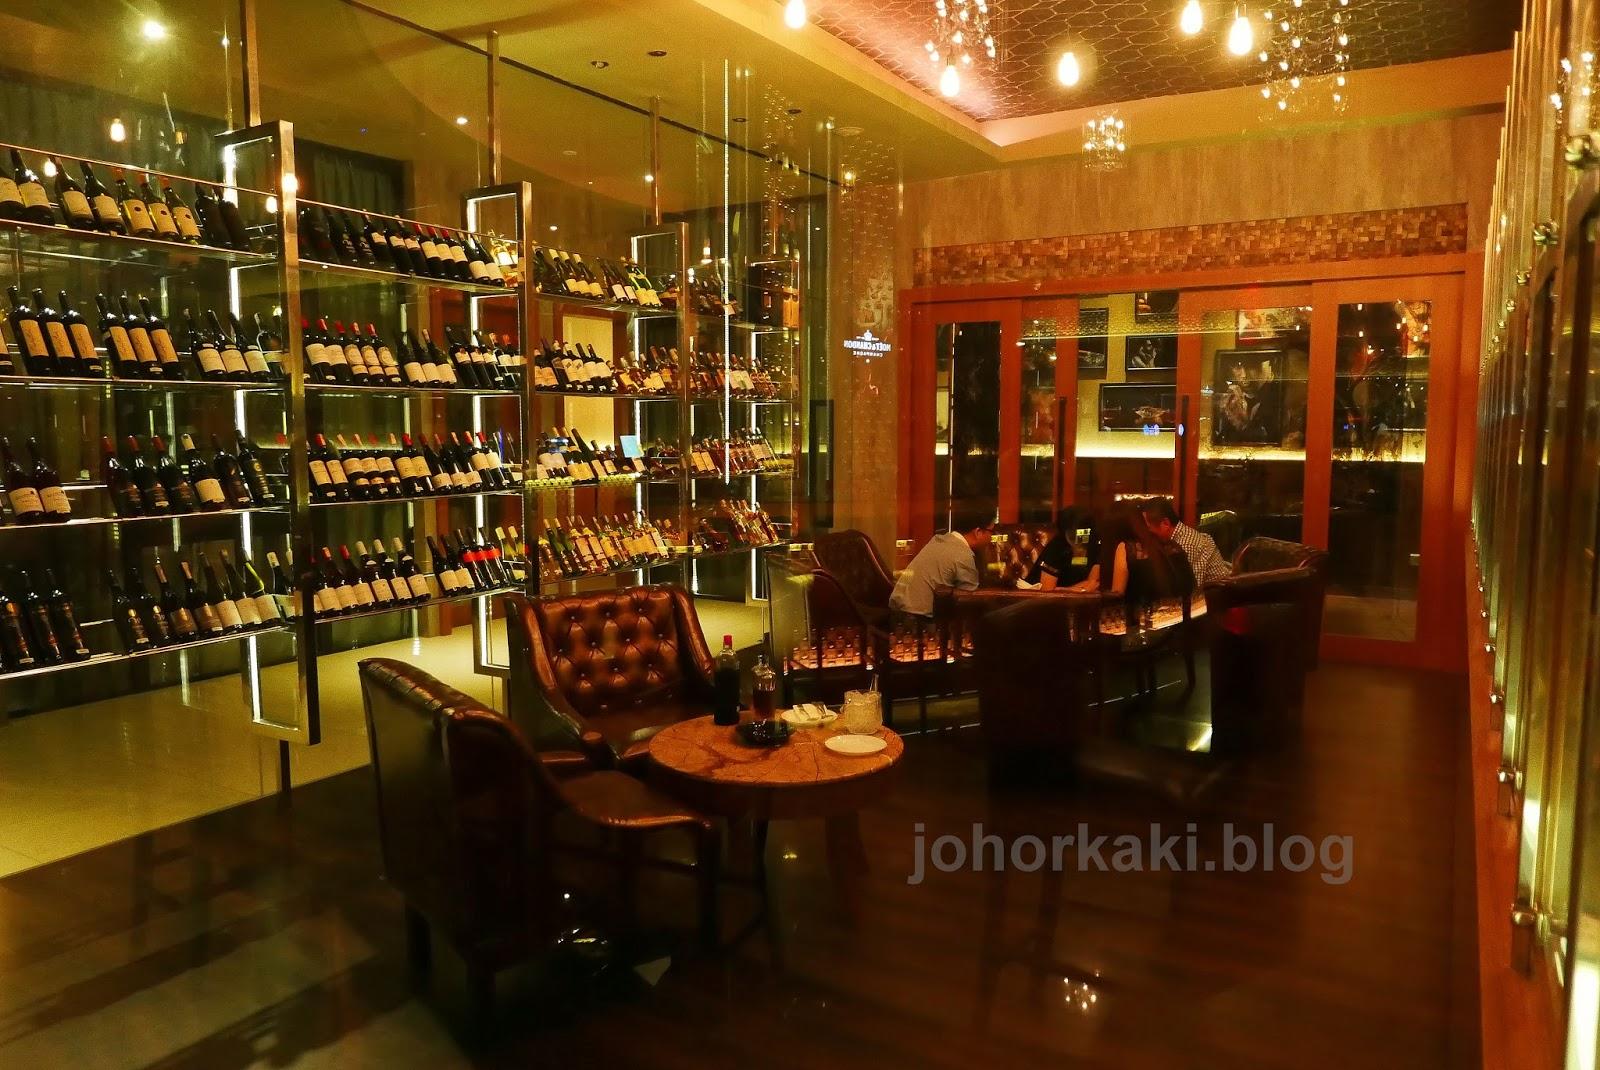 The gallery wine dine western restaurant in johor bahru